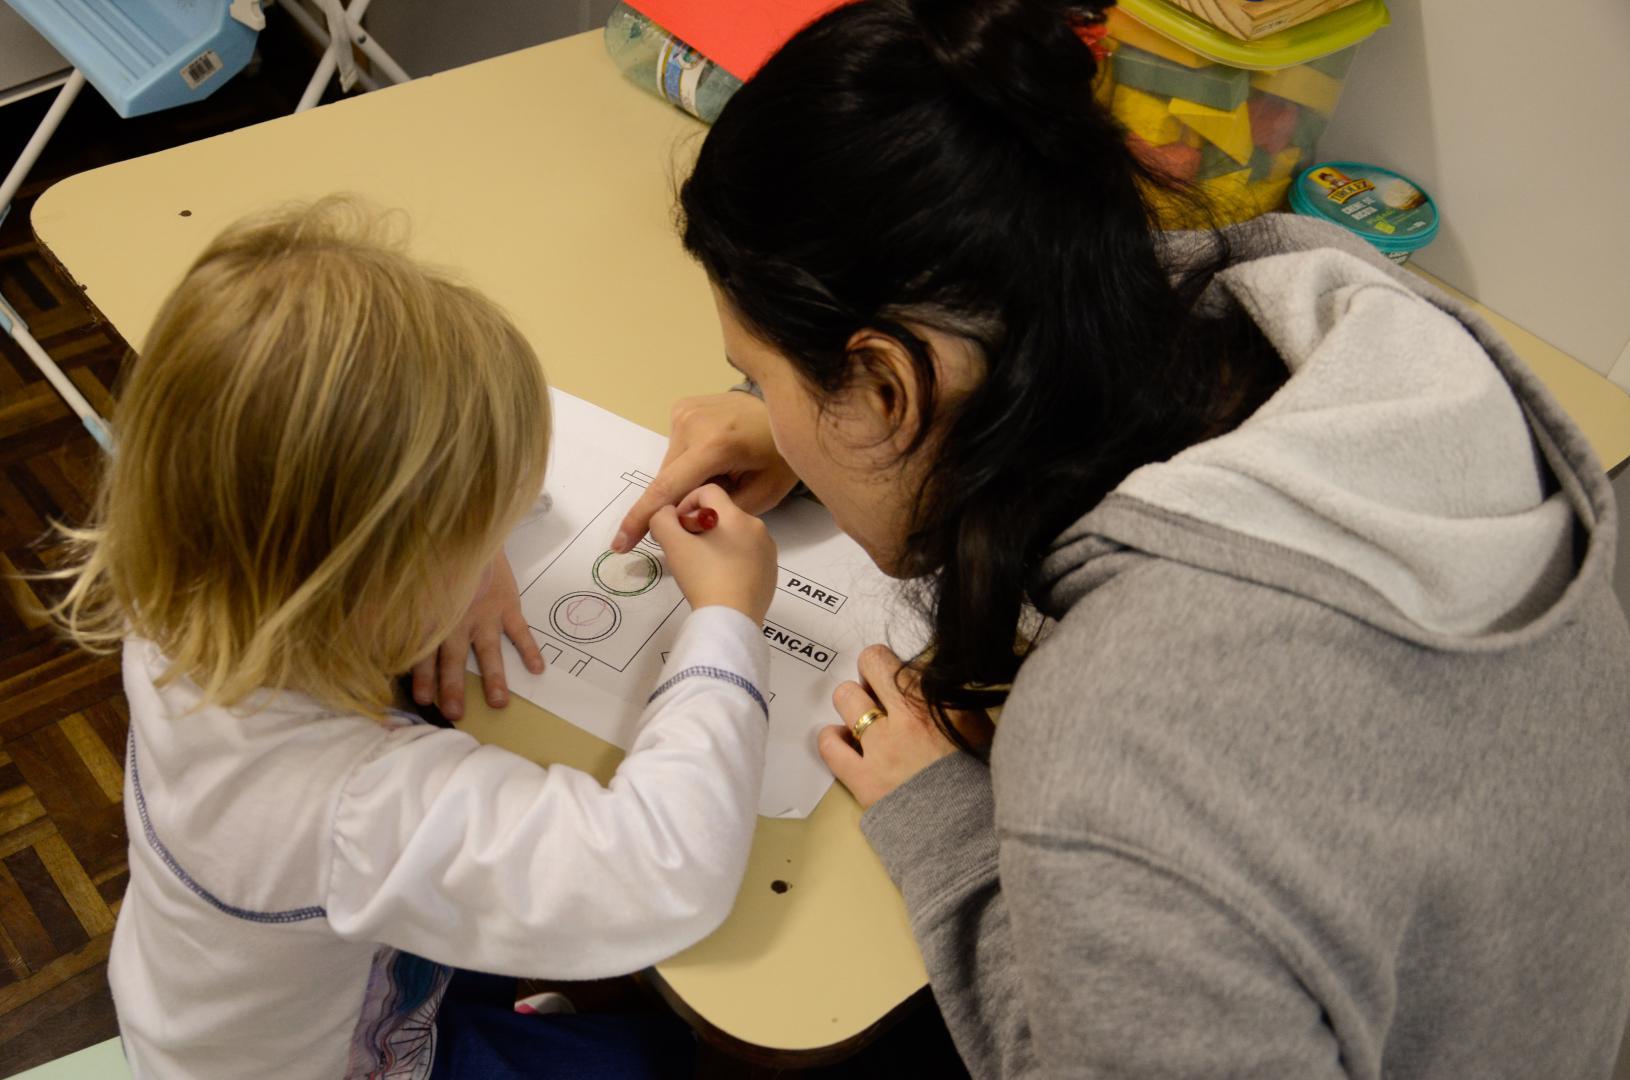 a imagem em ângulo de cima para baixo mostra uma aluna criança, à esquerda, sentada a uma mesa bege ao lado da professora, à direita, ambas de costas para a foto. A estudante tem o braço esquerdo apoiado até o cotovelo na mesa, sobre o papel em que realiza a atividade. A mão direita dela segura um lápis de cor. A professora aponta para o desenho no papel utilizando a mão direita.